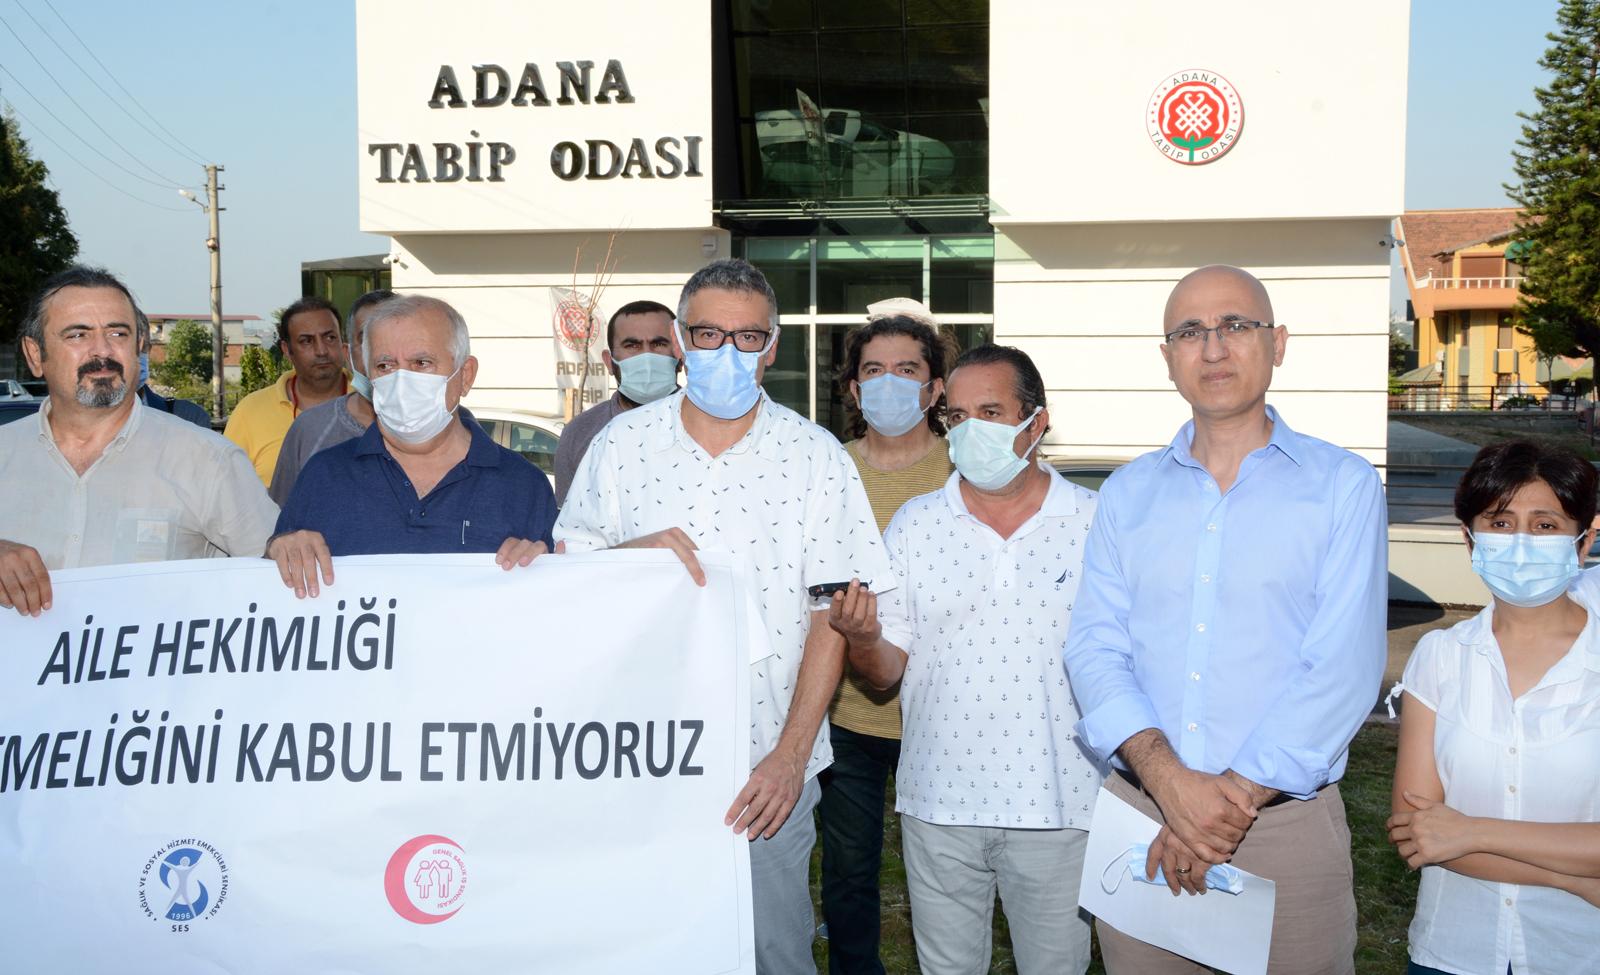 Sağlıkçılardan Yeni Çıkan 'Aile Hekimliği Ceza Yönetmeliği'ne Tepki!